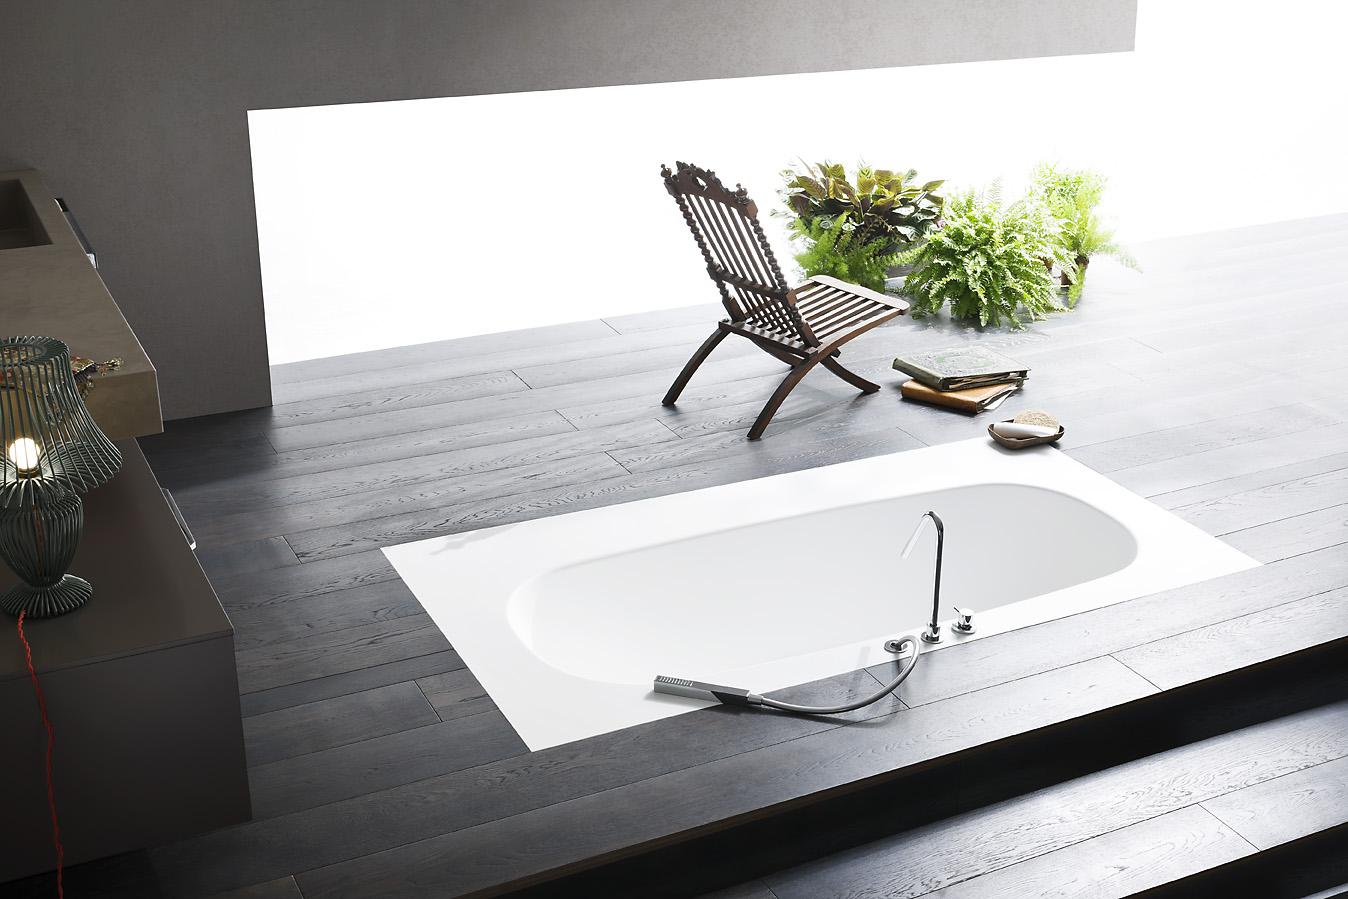 Arredo Bagno A Vicenza.Arredo Bagno Moderno E Design A Vicenza E Padova